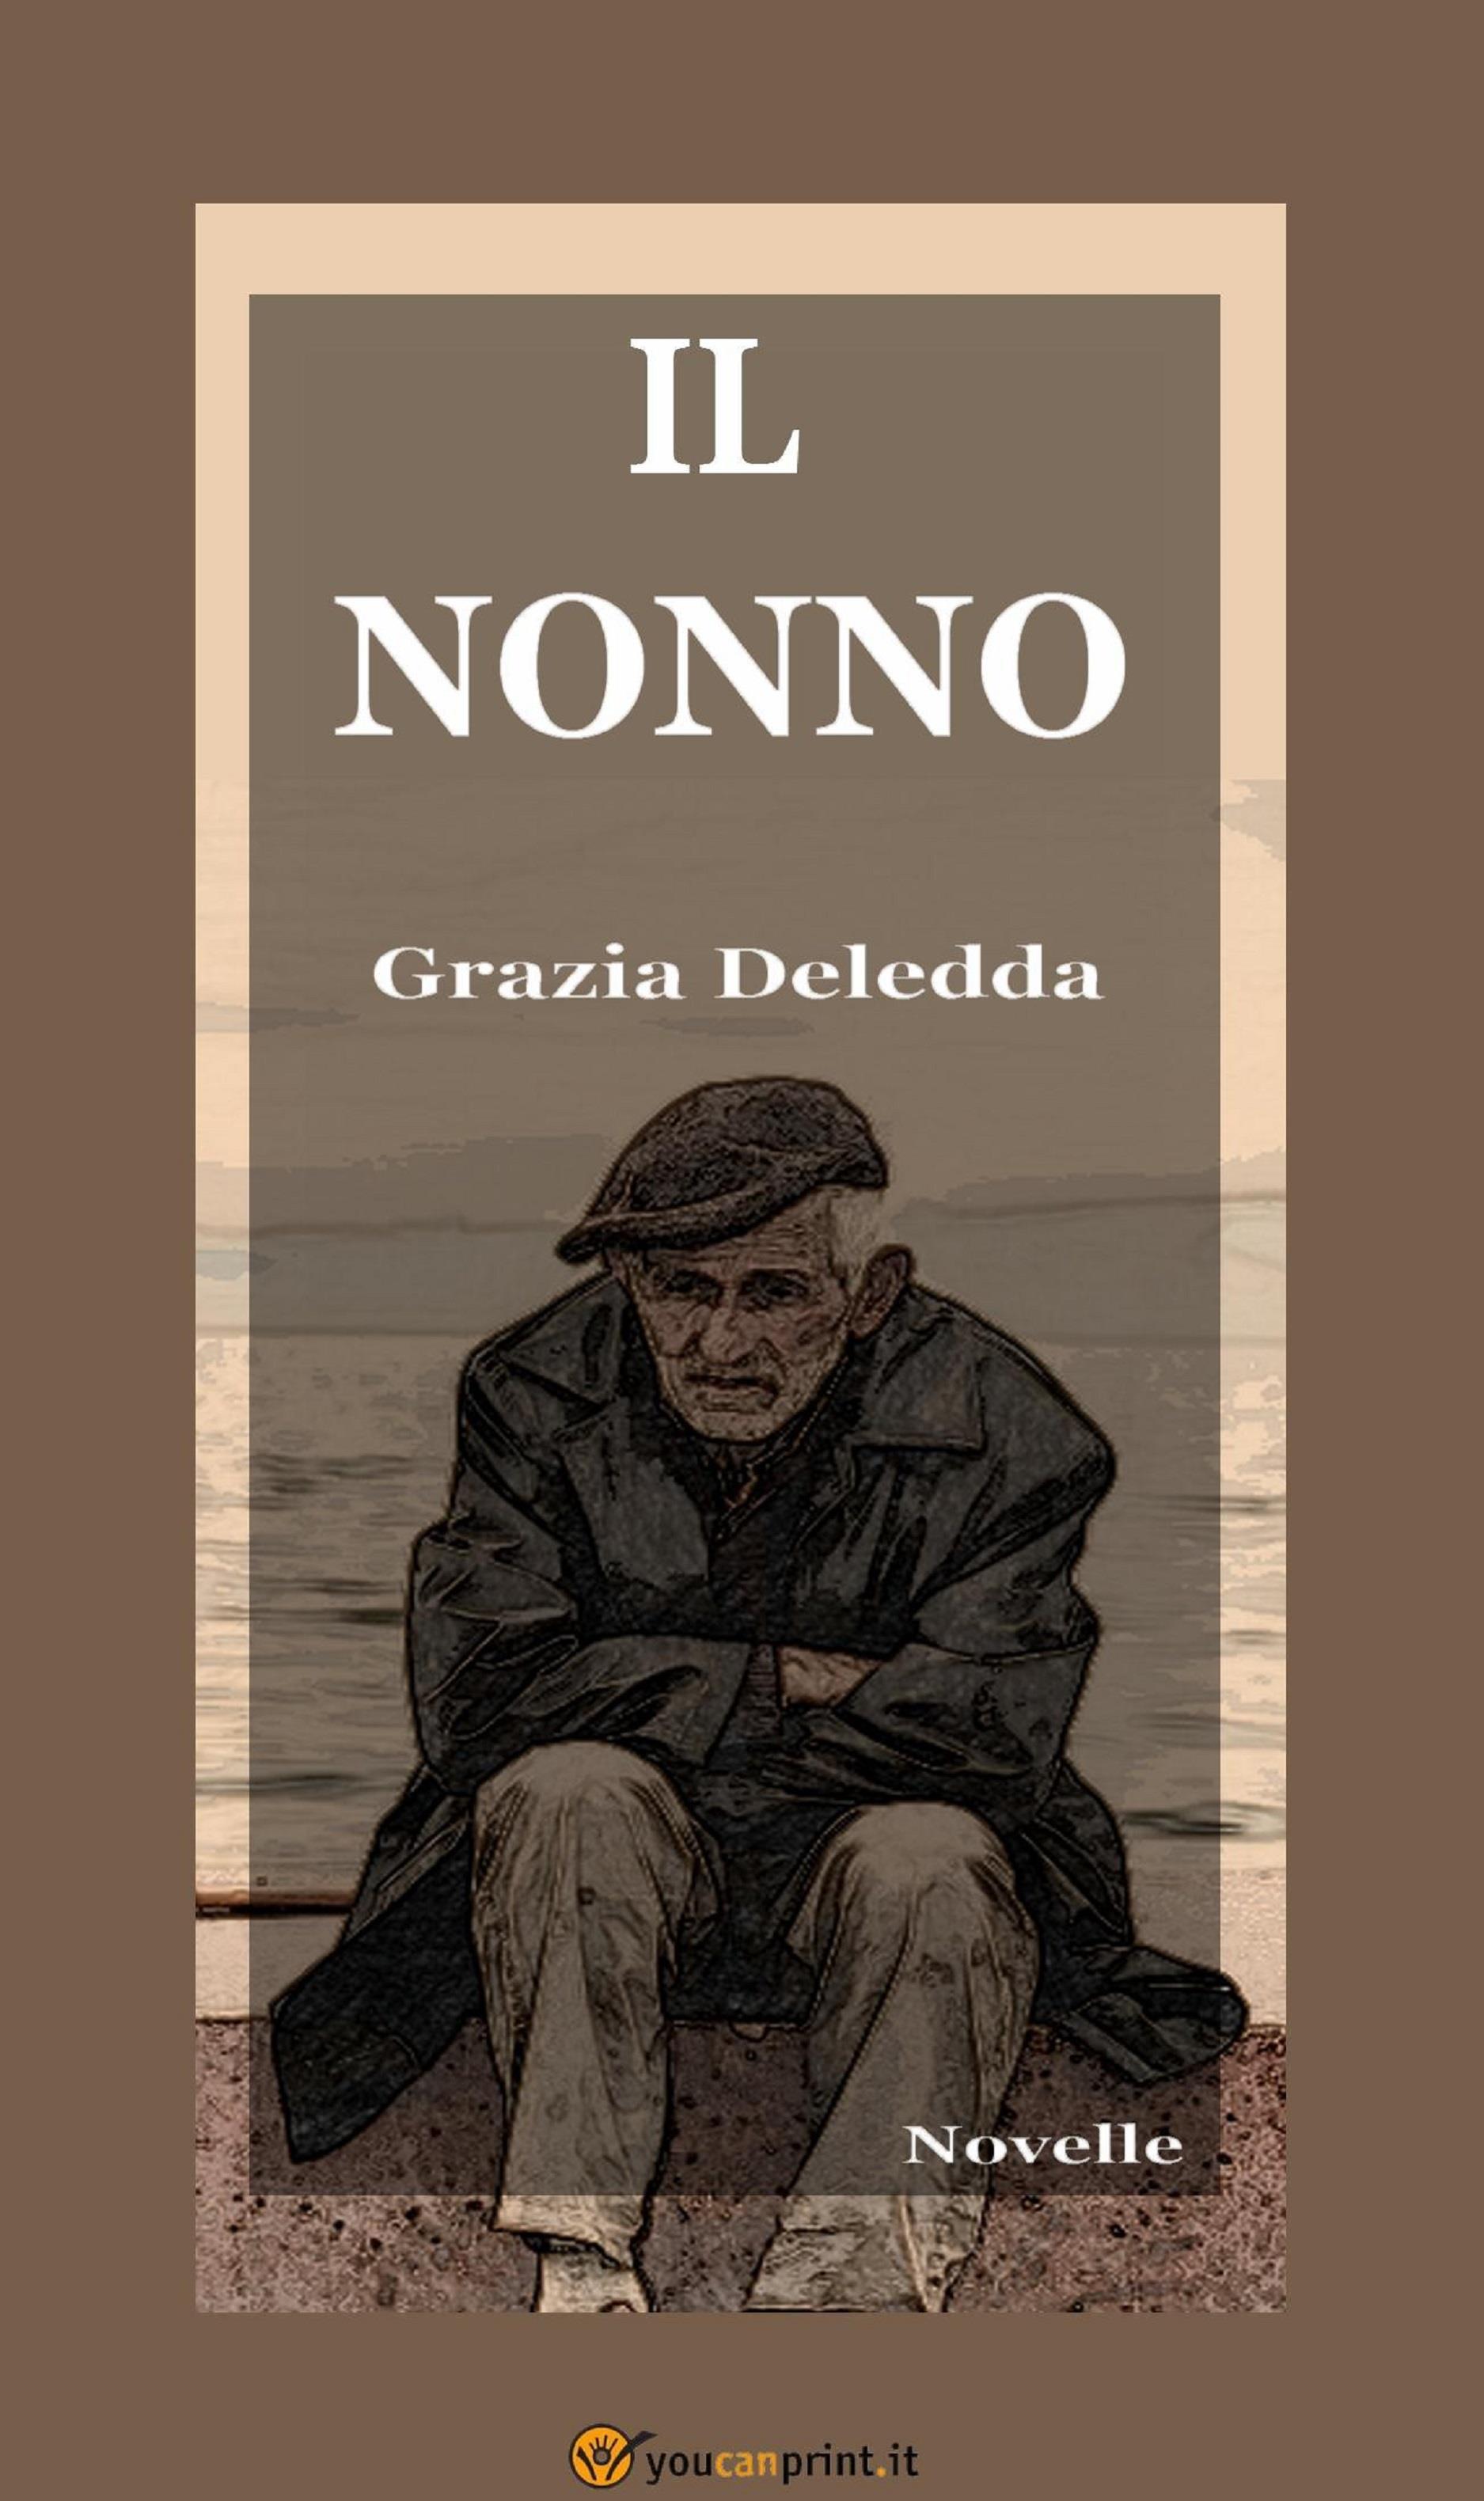 Il nonno (Novelle)